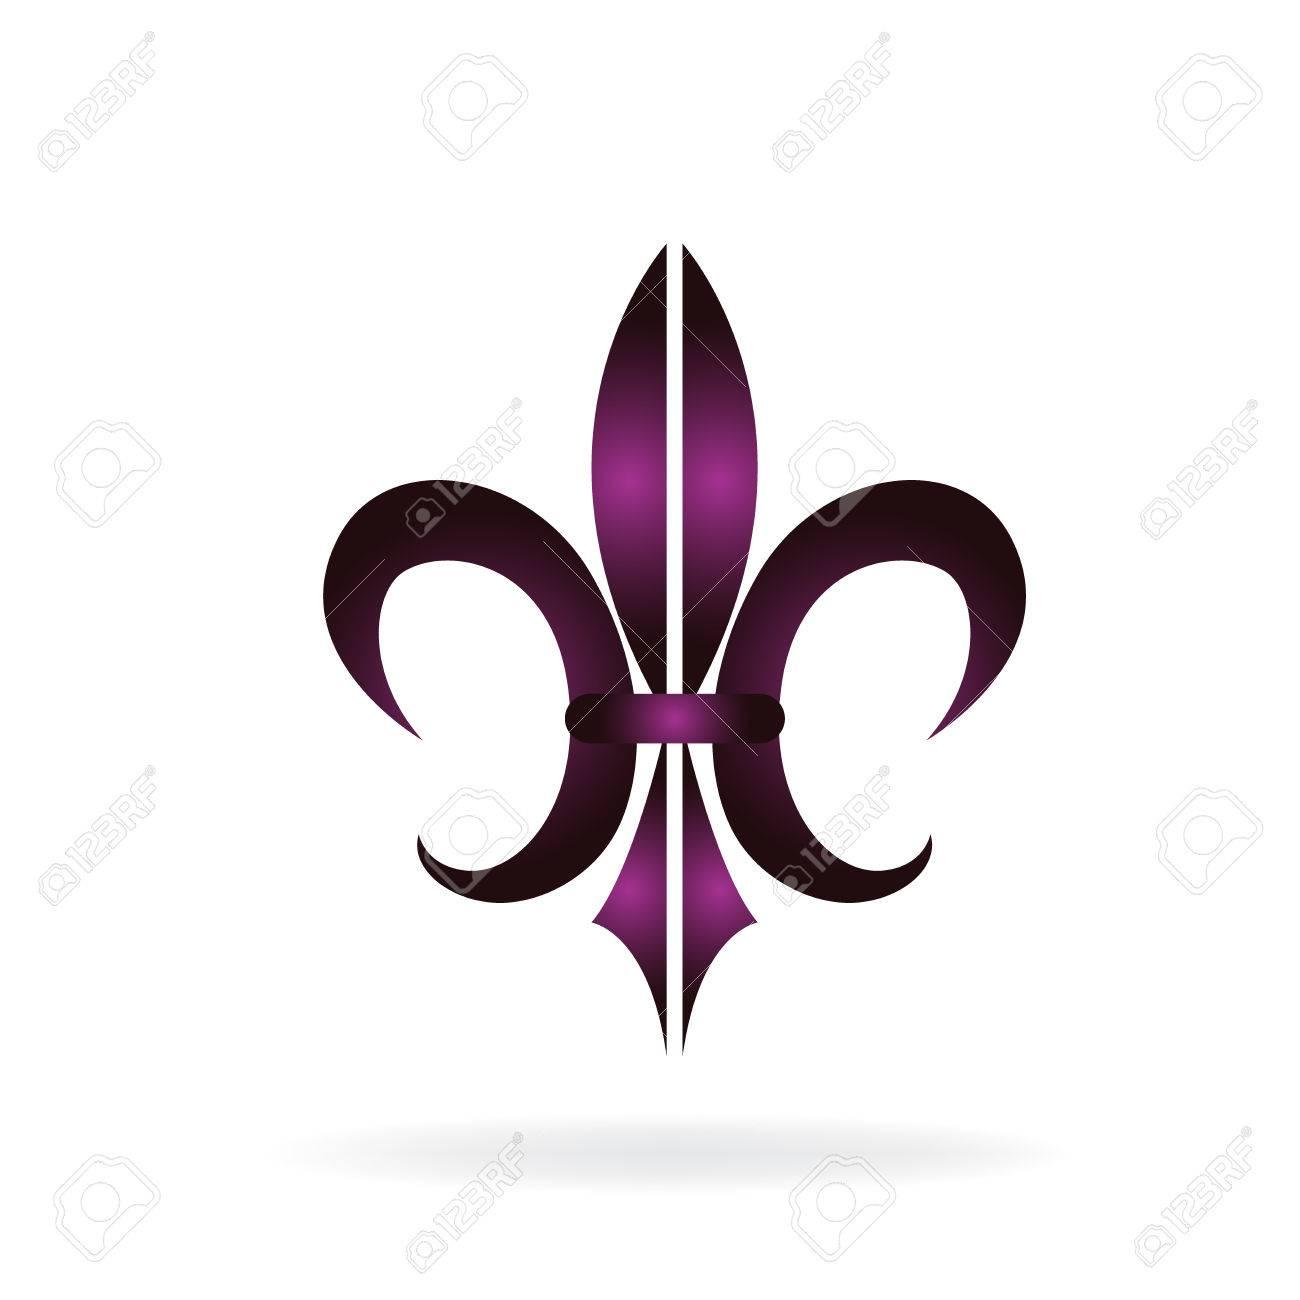 fleur de lis new orleans symbol flower logo icon vector image